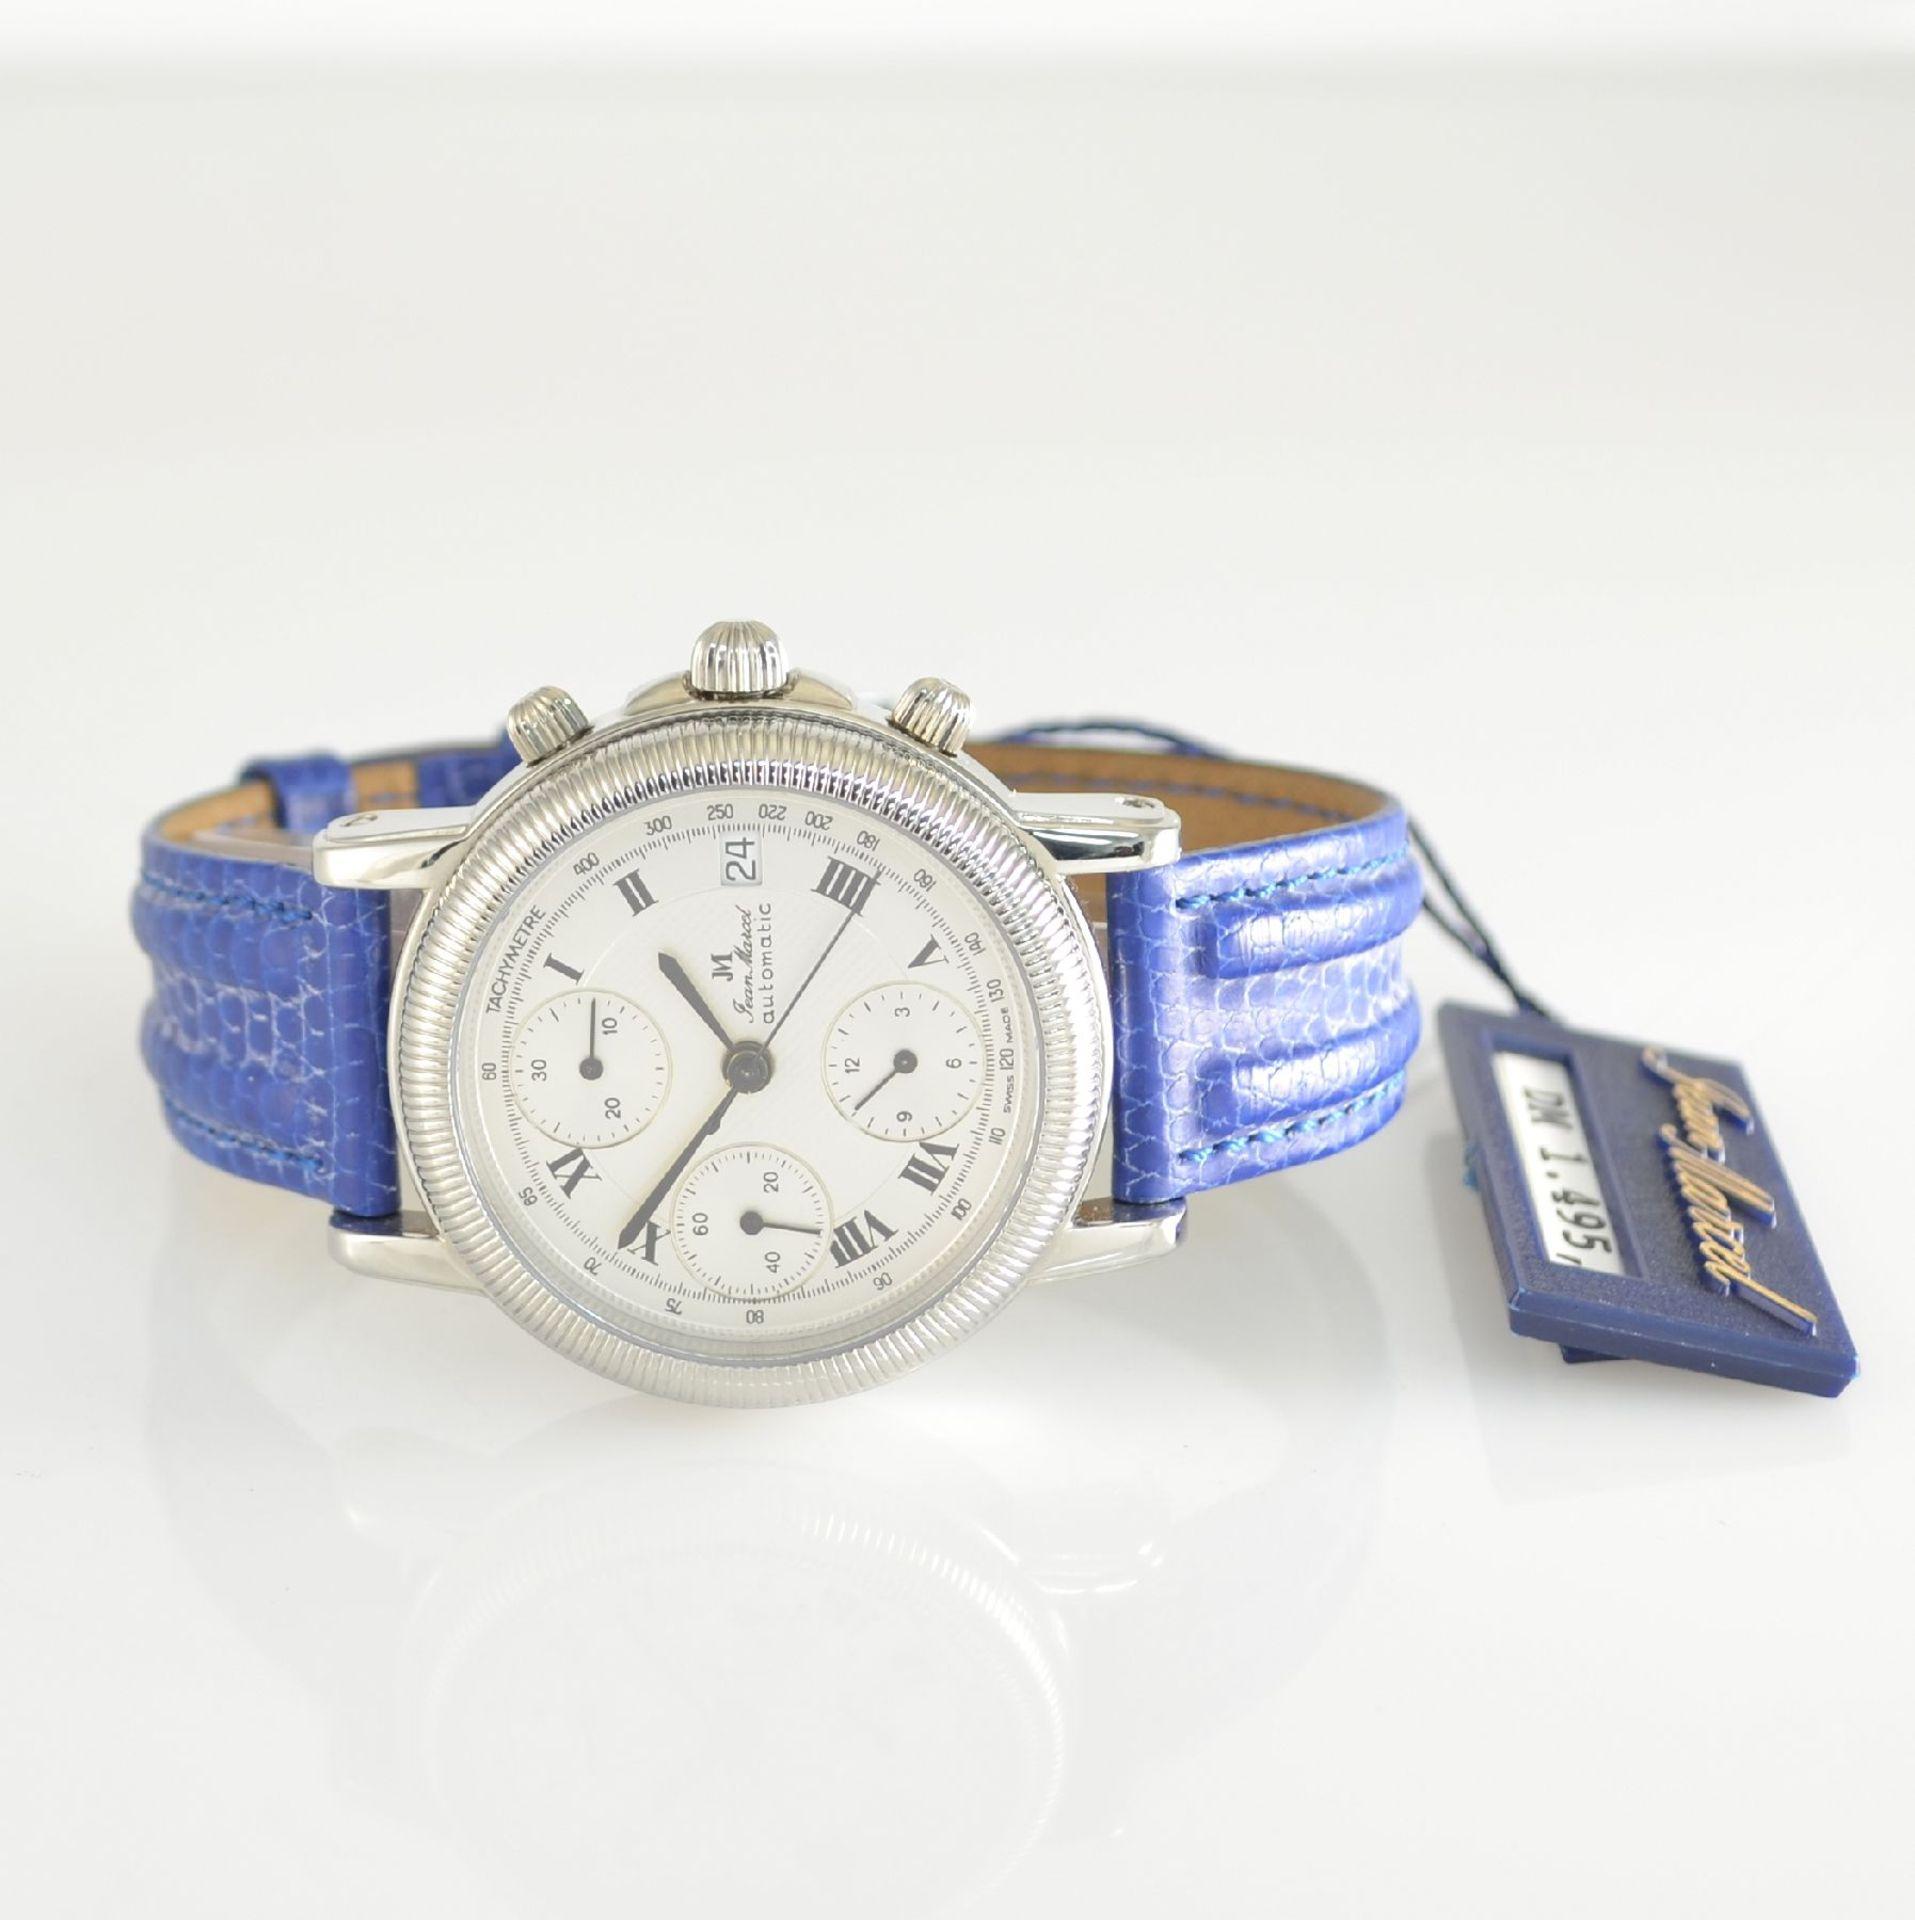 JEAN MARCEL Herrenarmbanduhr mit Chronograph, Schweiz um 2000, Automatik, Ref. 160.134, beids.